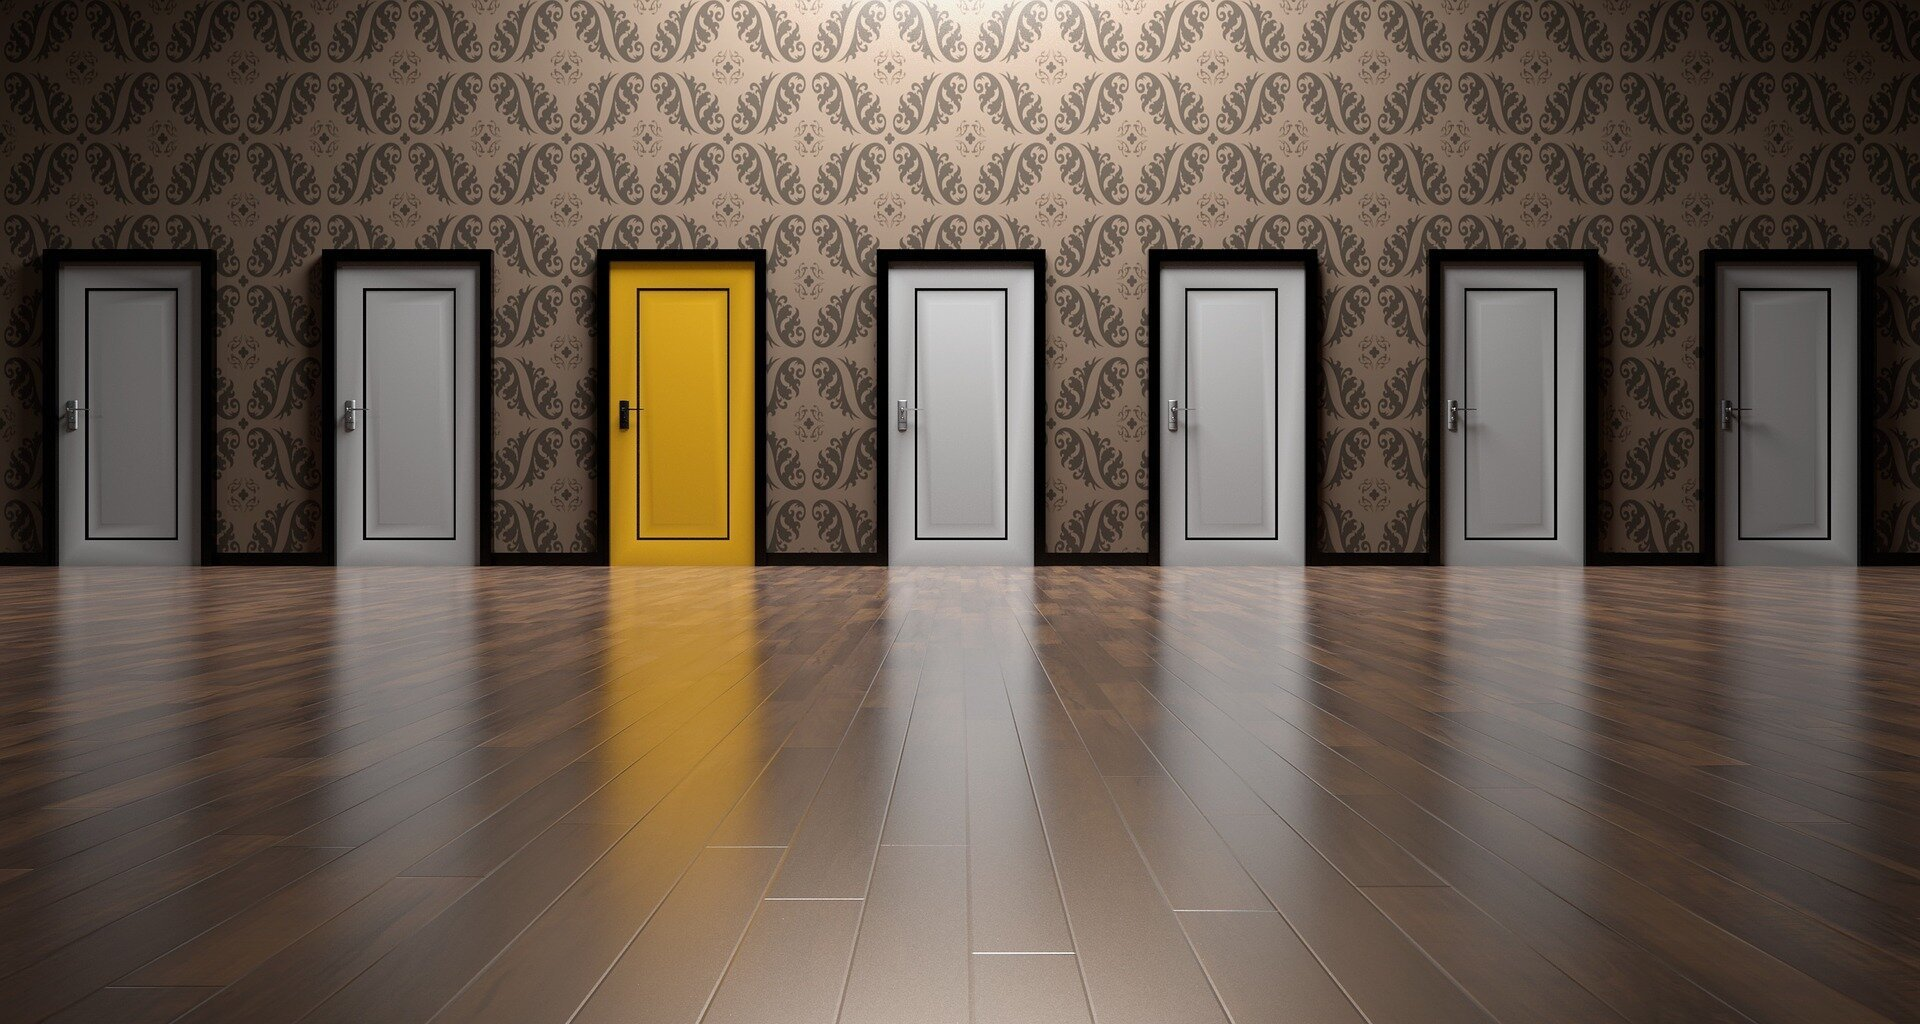 Studie: Viele Möglichkeiten scheint vielversprechend, bis Sie wirklich haben, um zu wählen